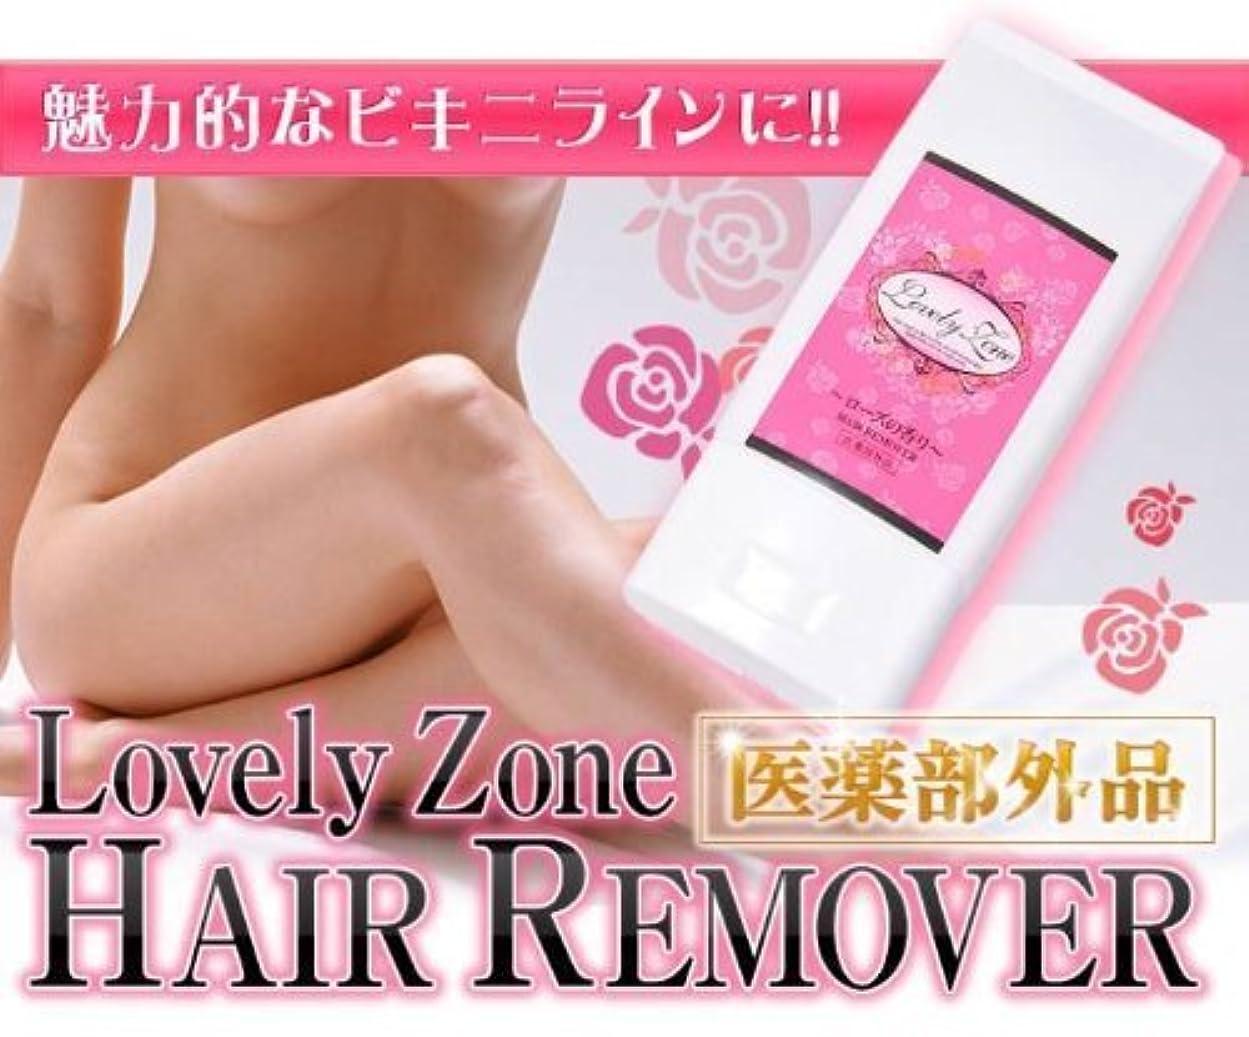 水曜日初期の時間Lovely Zone HAIR REMOVER ラブリーゾーン ヘアリムーバー 【 大人のセクシー系 除毛クリーム 】 悩める女性のための 除毛????